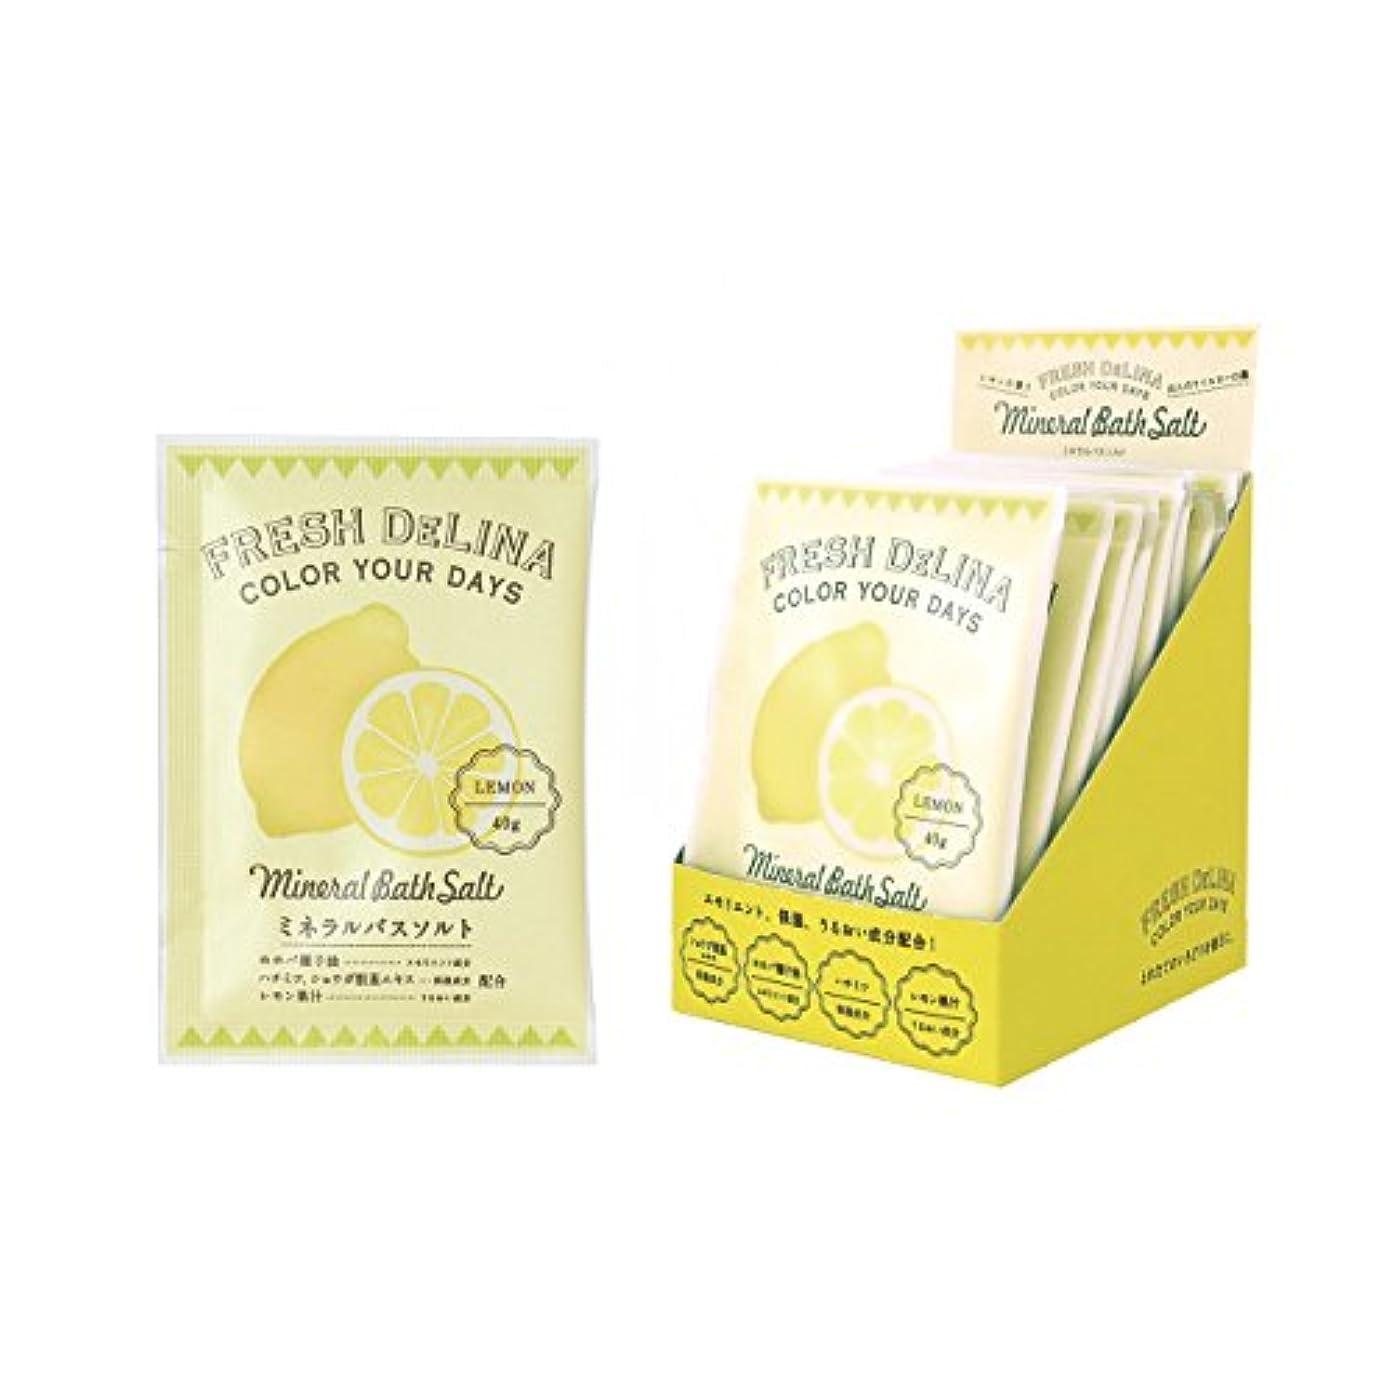 ストッキング寛大なマージンフレッシュデリーナ ミネラルバスソルト40g(レモン) 12個 (海塩タイプ入浴料 日本製 どこかなつかしいフレッシュなレモンの香り)